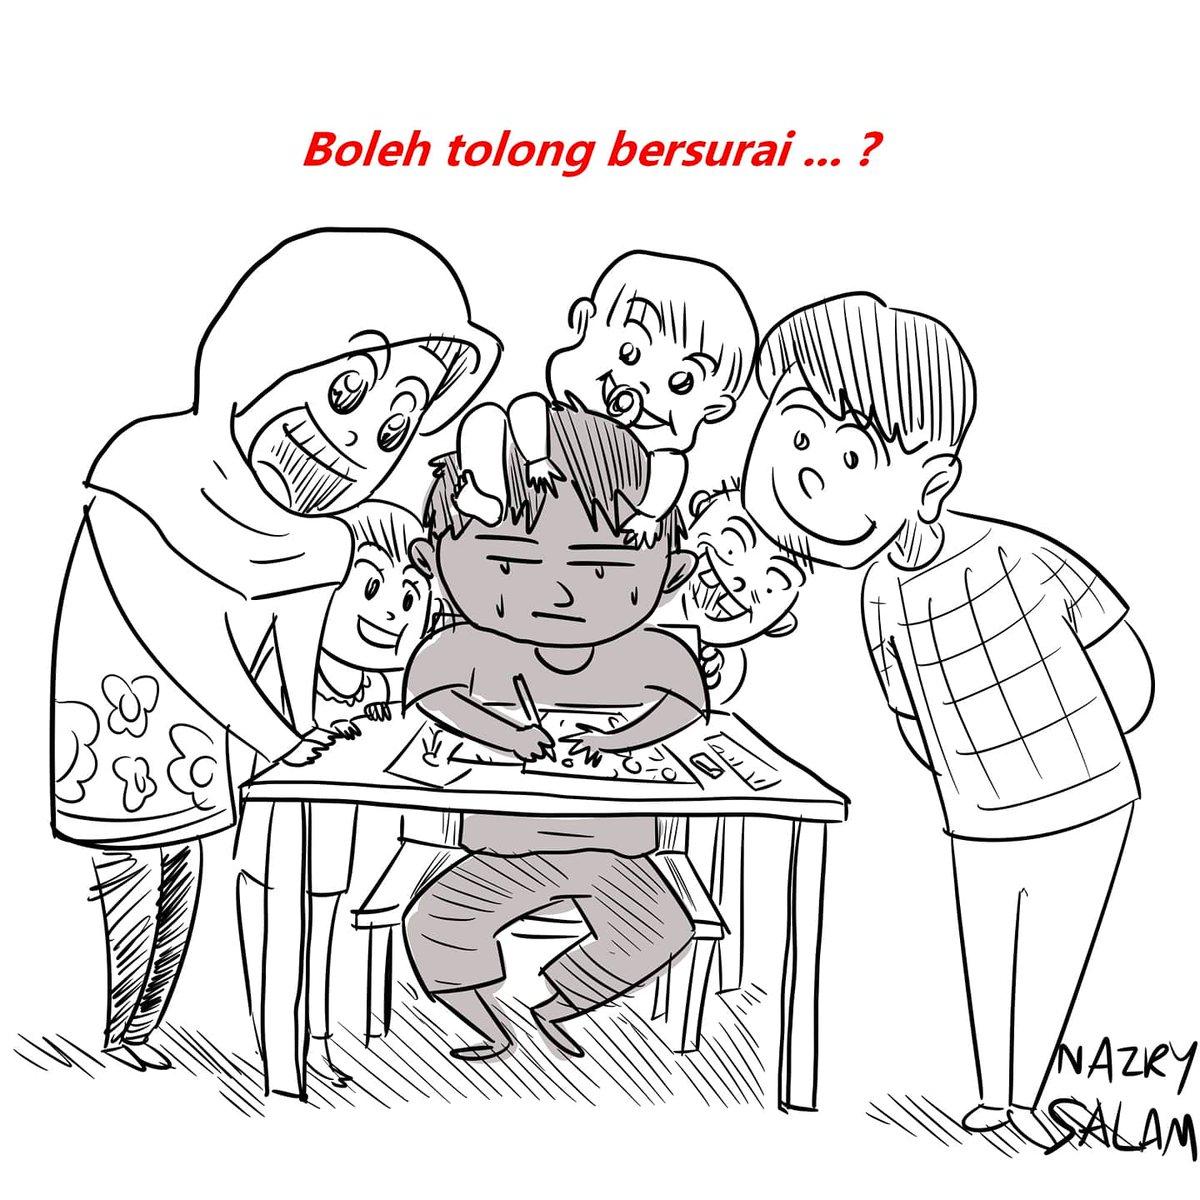 Komik #96  Geng pelukis, adakah anda suka dilihat semasa melukis?  Saya sendiri akan jadi kekok sikit bila ada orang tengok saya melukis.  Btw, Pakej Ultimate Teknik Melukis Komik akan dilancarkan 3 hari lagi.  #komikNazrySalam #NazrySalam #komikMalaysia #SkuadMisipic.twitter.com/3xydbRBjg8